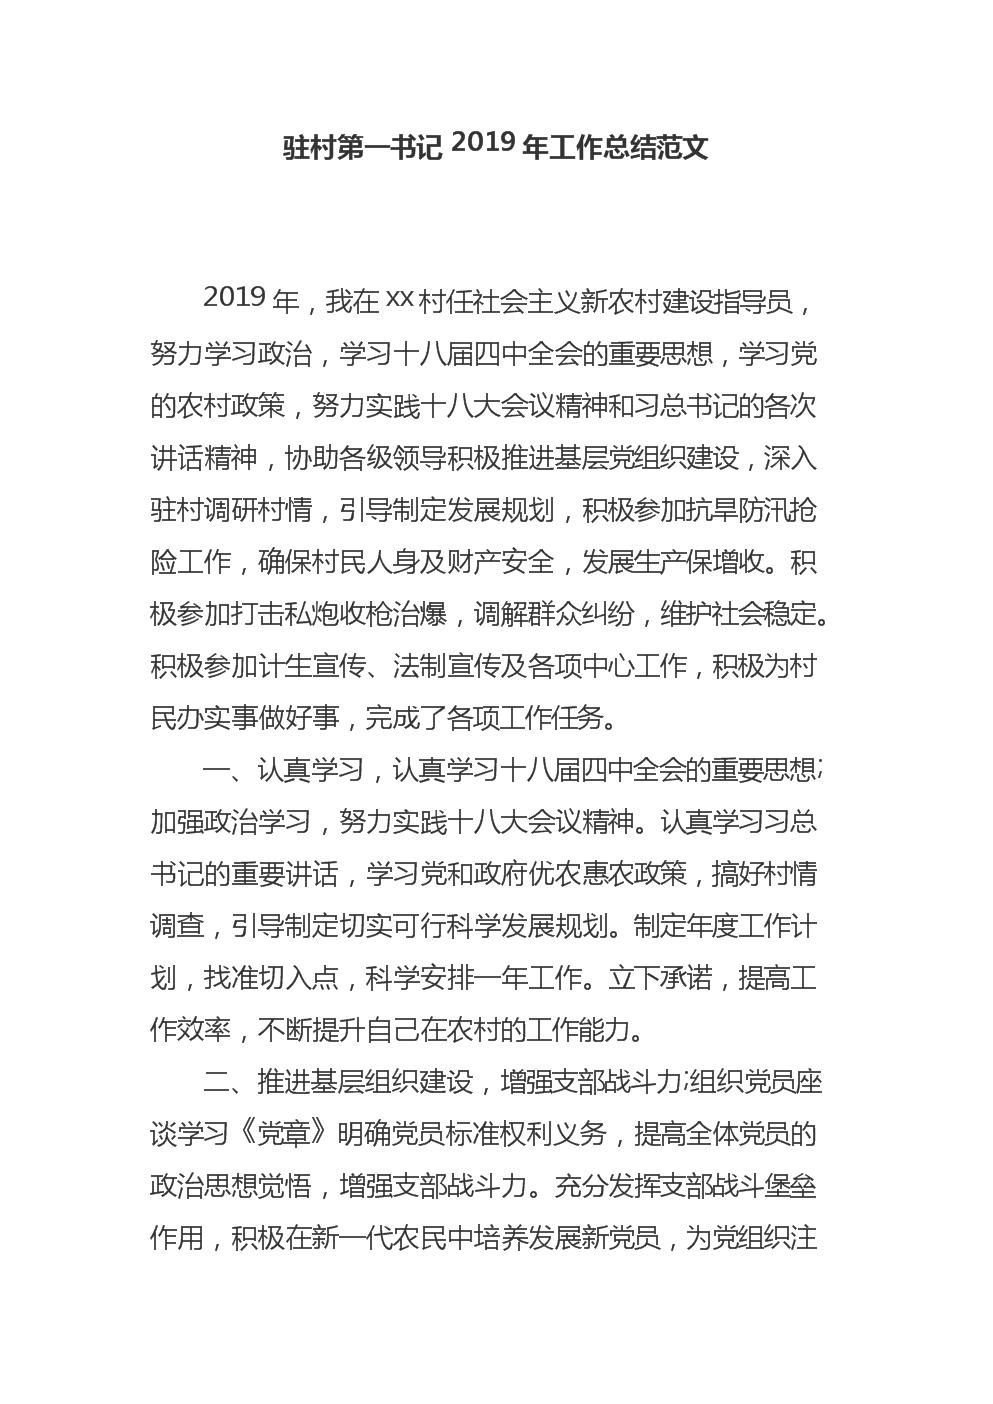 驻村第一书记2019年工作总结范文.docx